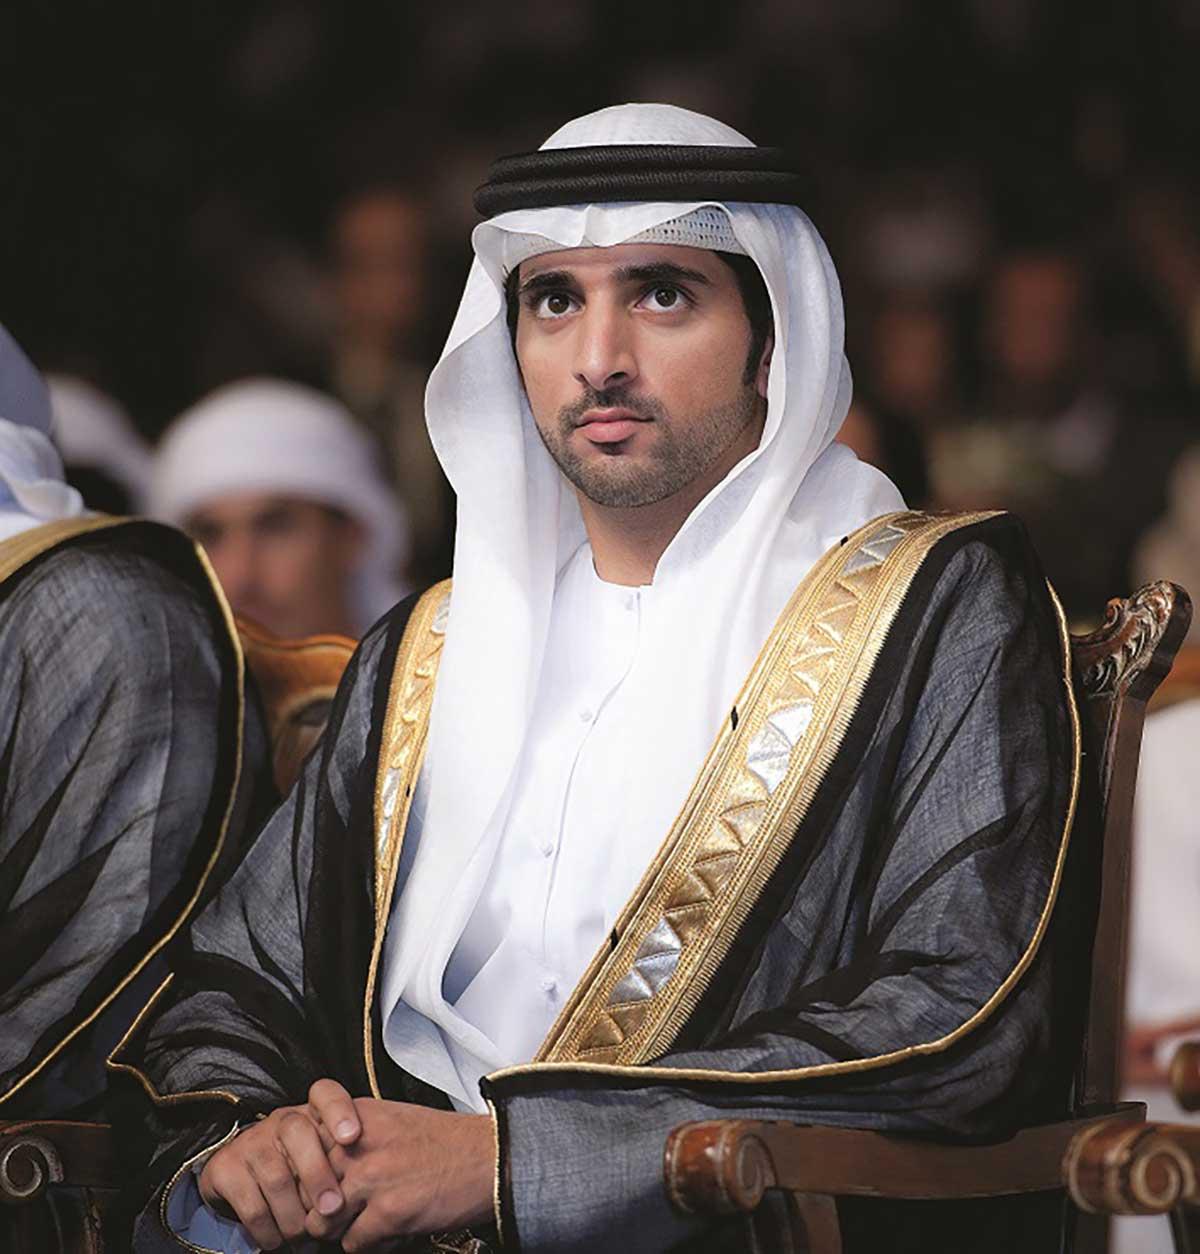 Rashid bin Mohammed Al Maktoum